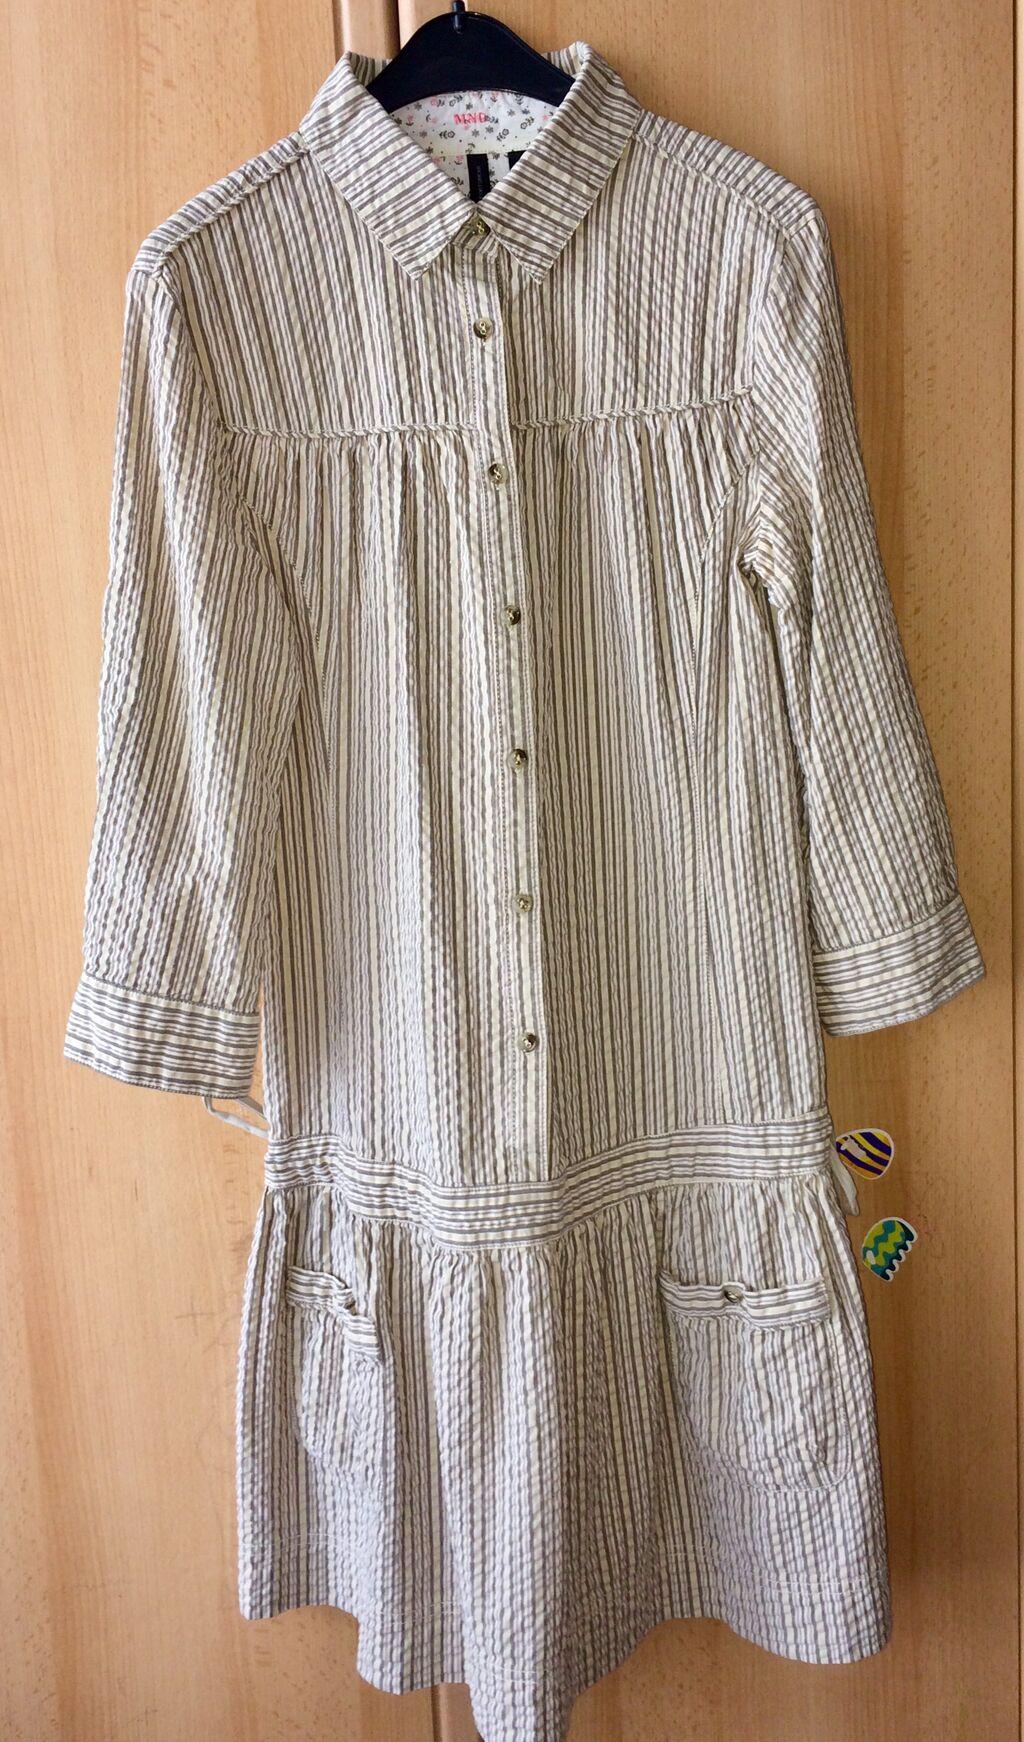 Платье от Манго. Размер: L, M. Красивый материал. 60 manata alınıb: Платье от Манго. Размер: L, M. Красивый материал. 60 manata alınıb